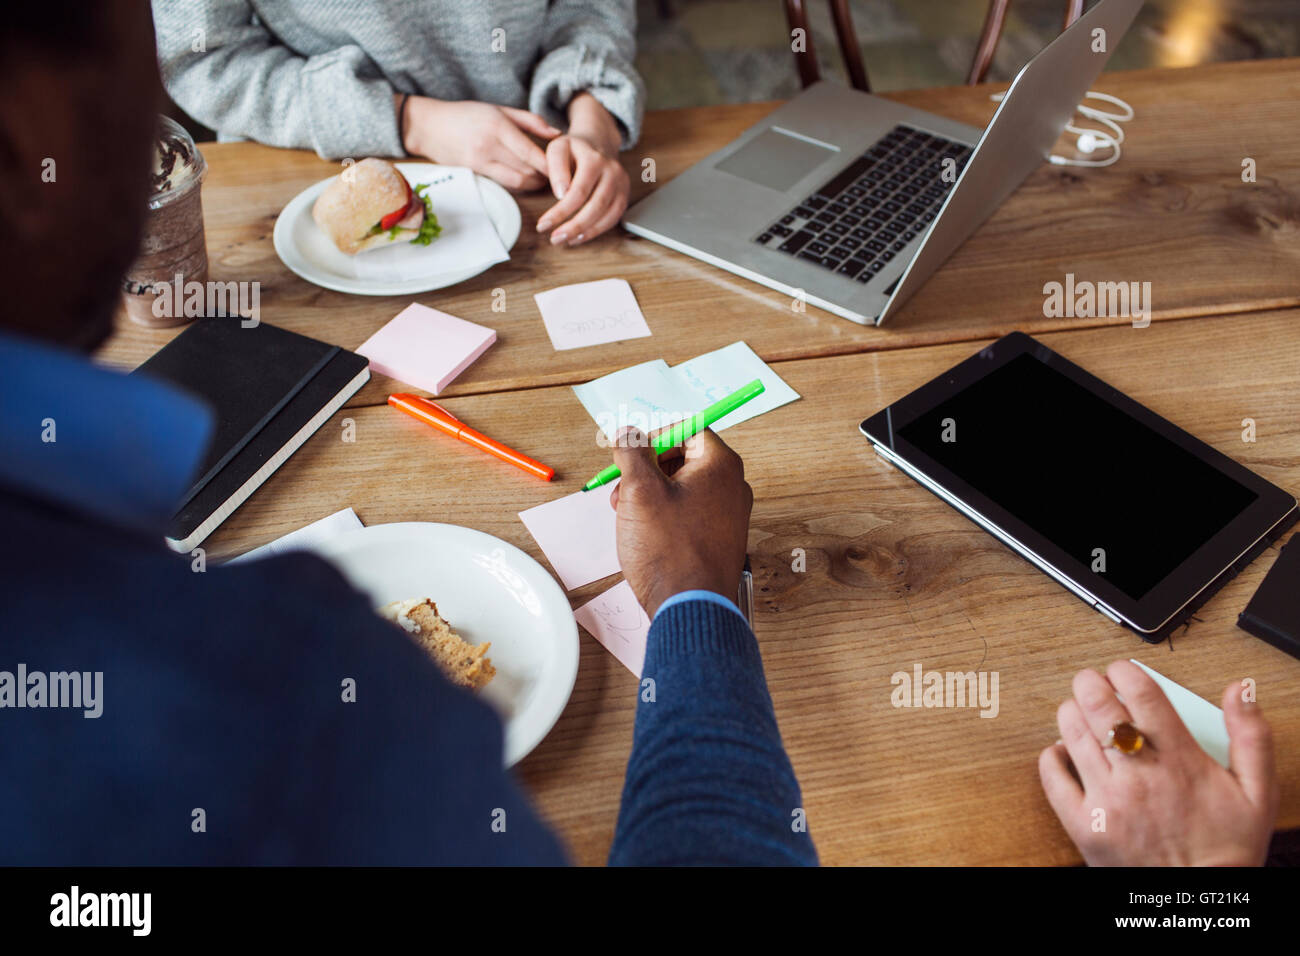 Immagine ritagliata di amici a lavorare mentre avente panino al cafe Immagini Stock